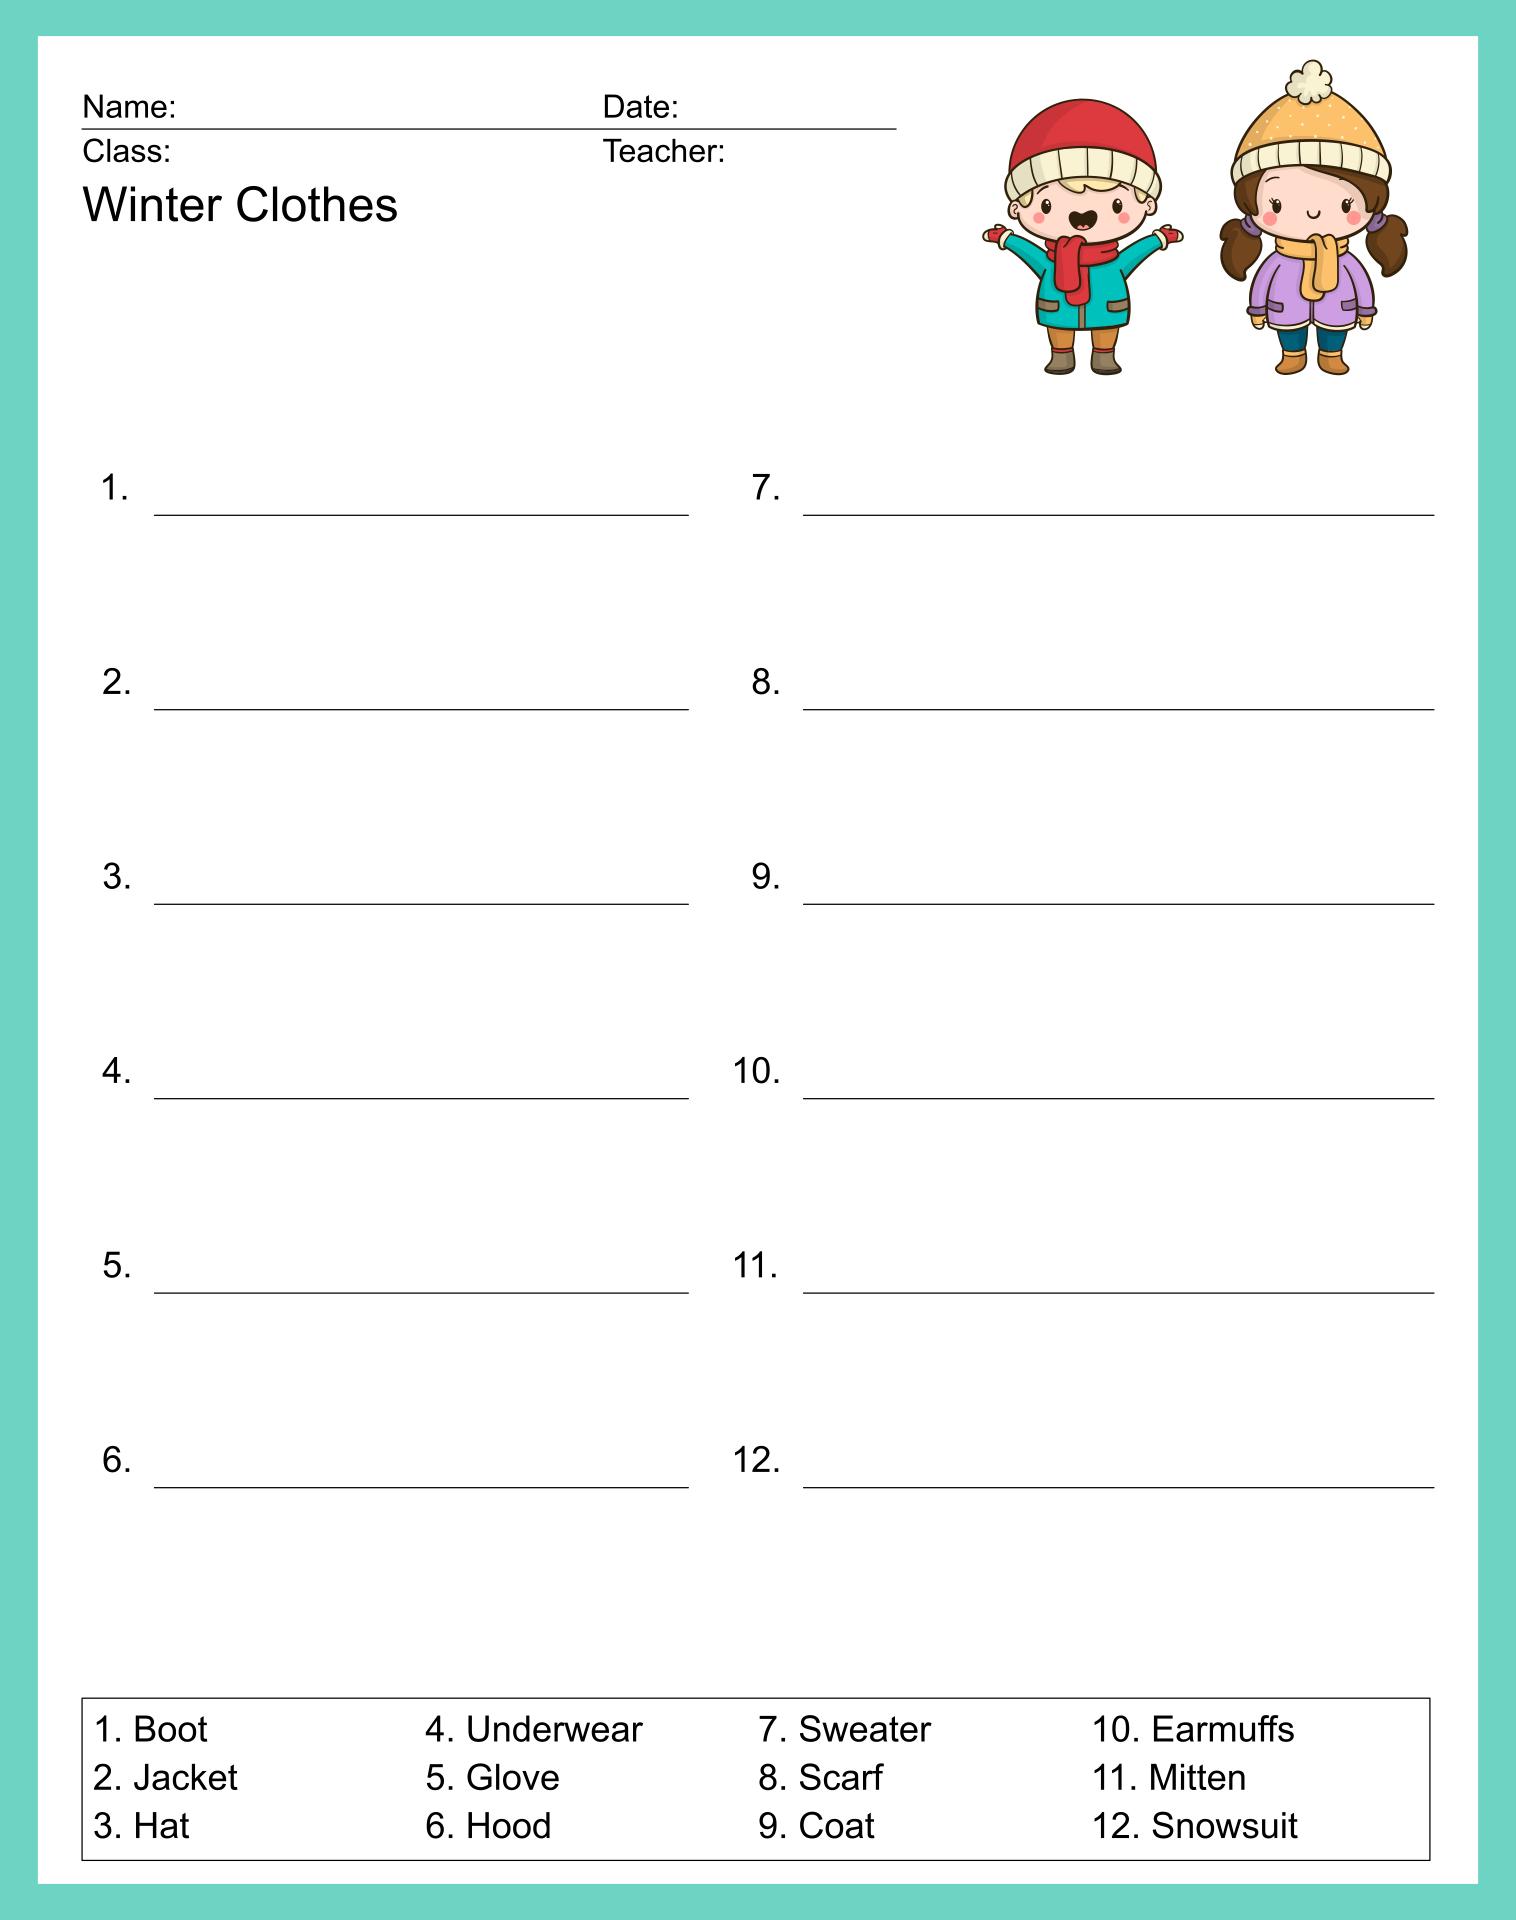 Winter Clothes Activities For Preschoolers